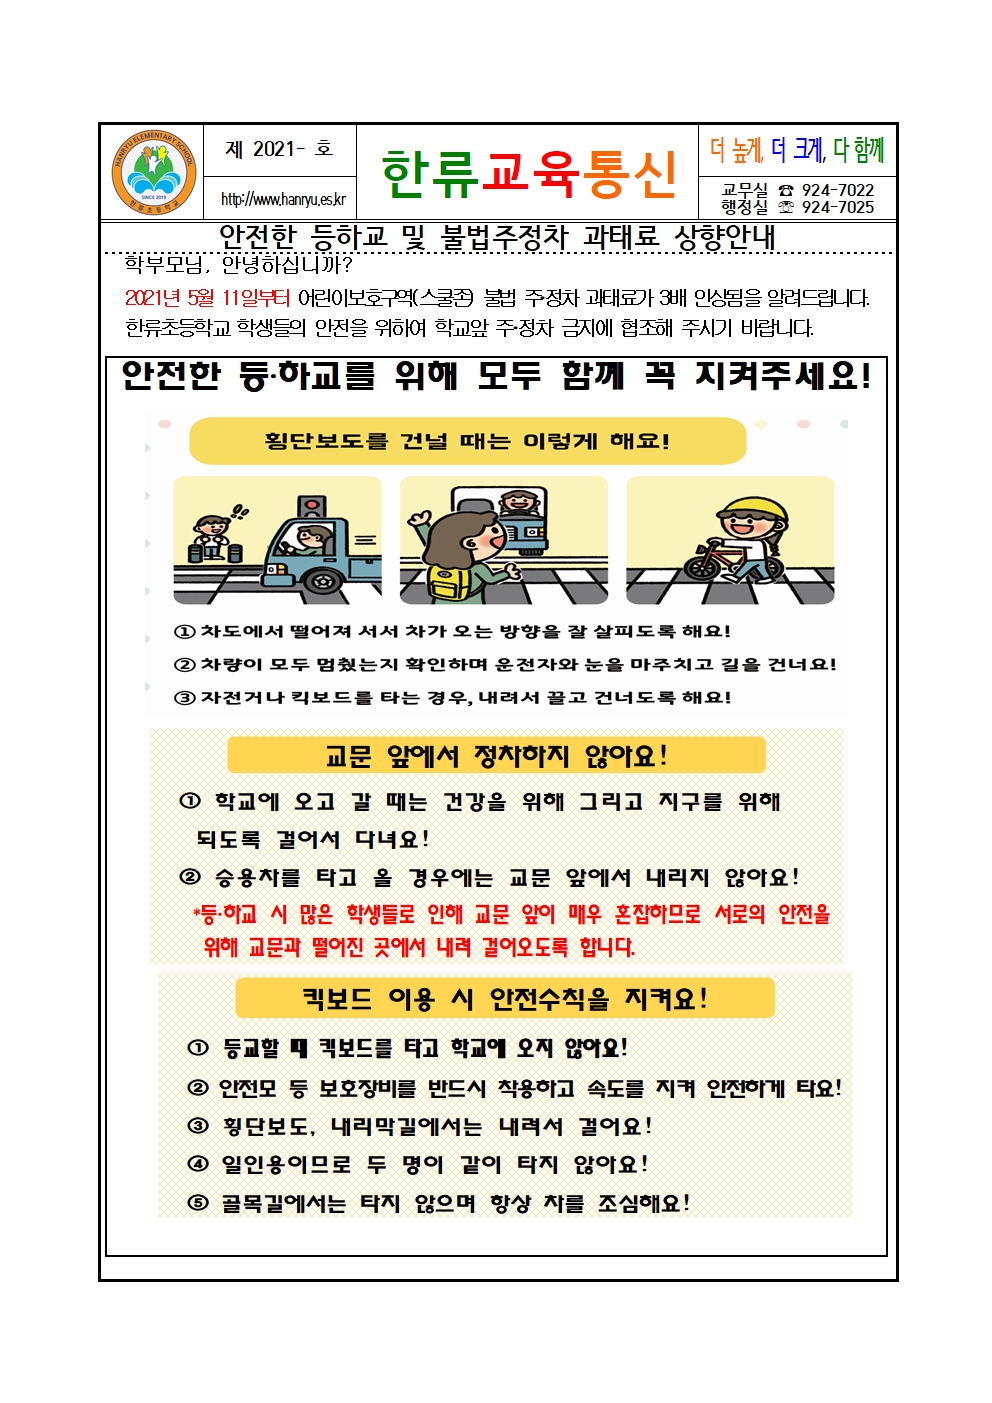 [일반] [2021-66호]안전한 등하교 및 불법주정차 과태료 상향안내의 첨부이미지 2